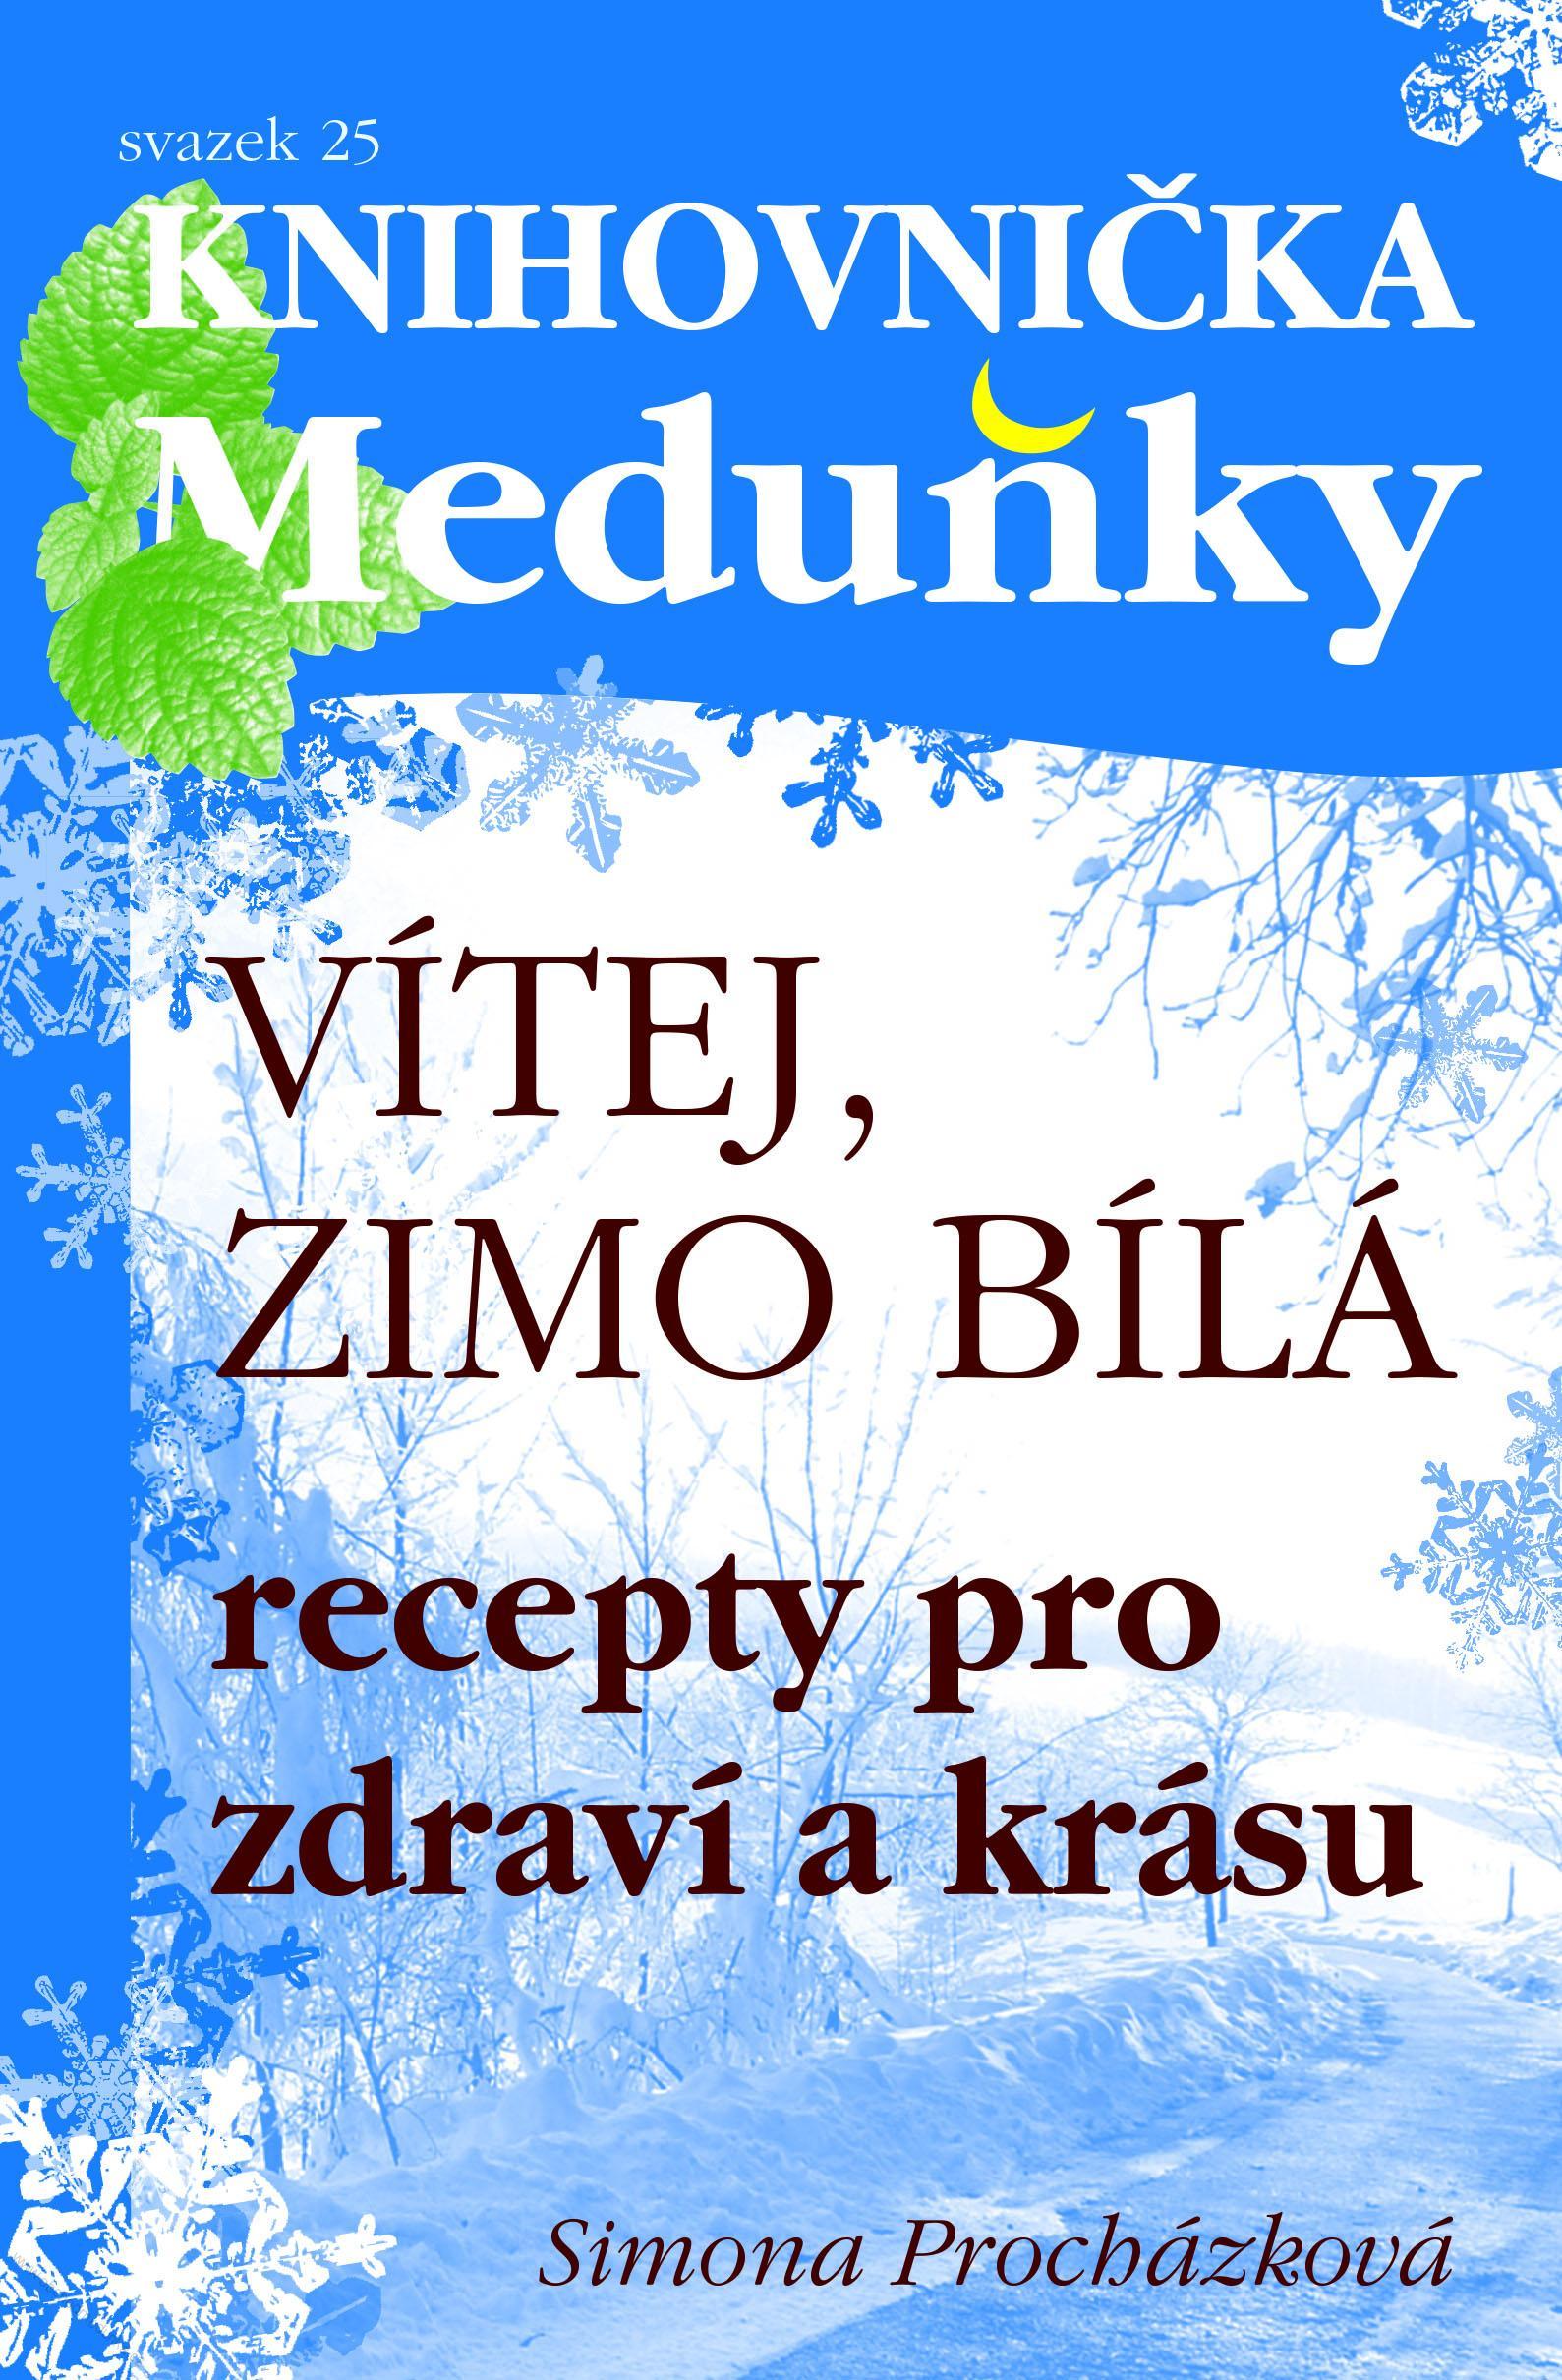 Vítej, zimo bílá - Recepty pro zdraví a krásu - svazek 25